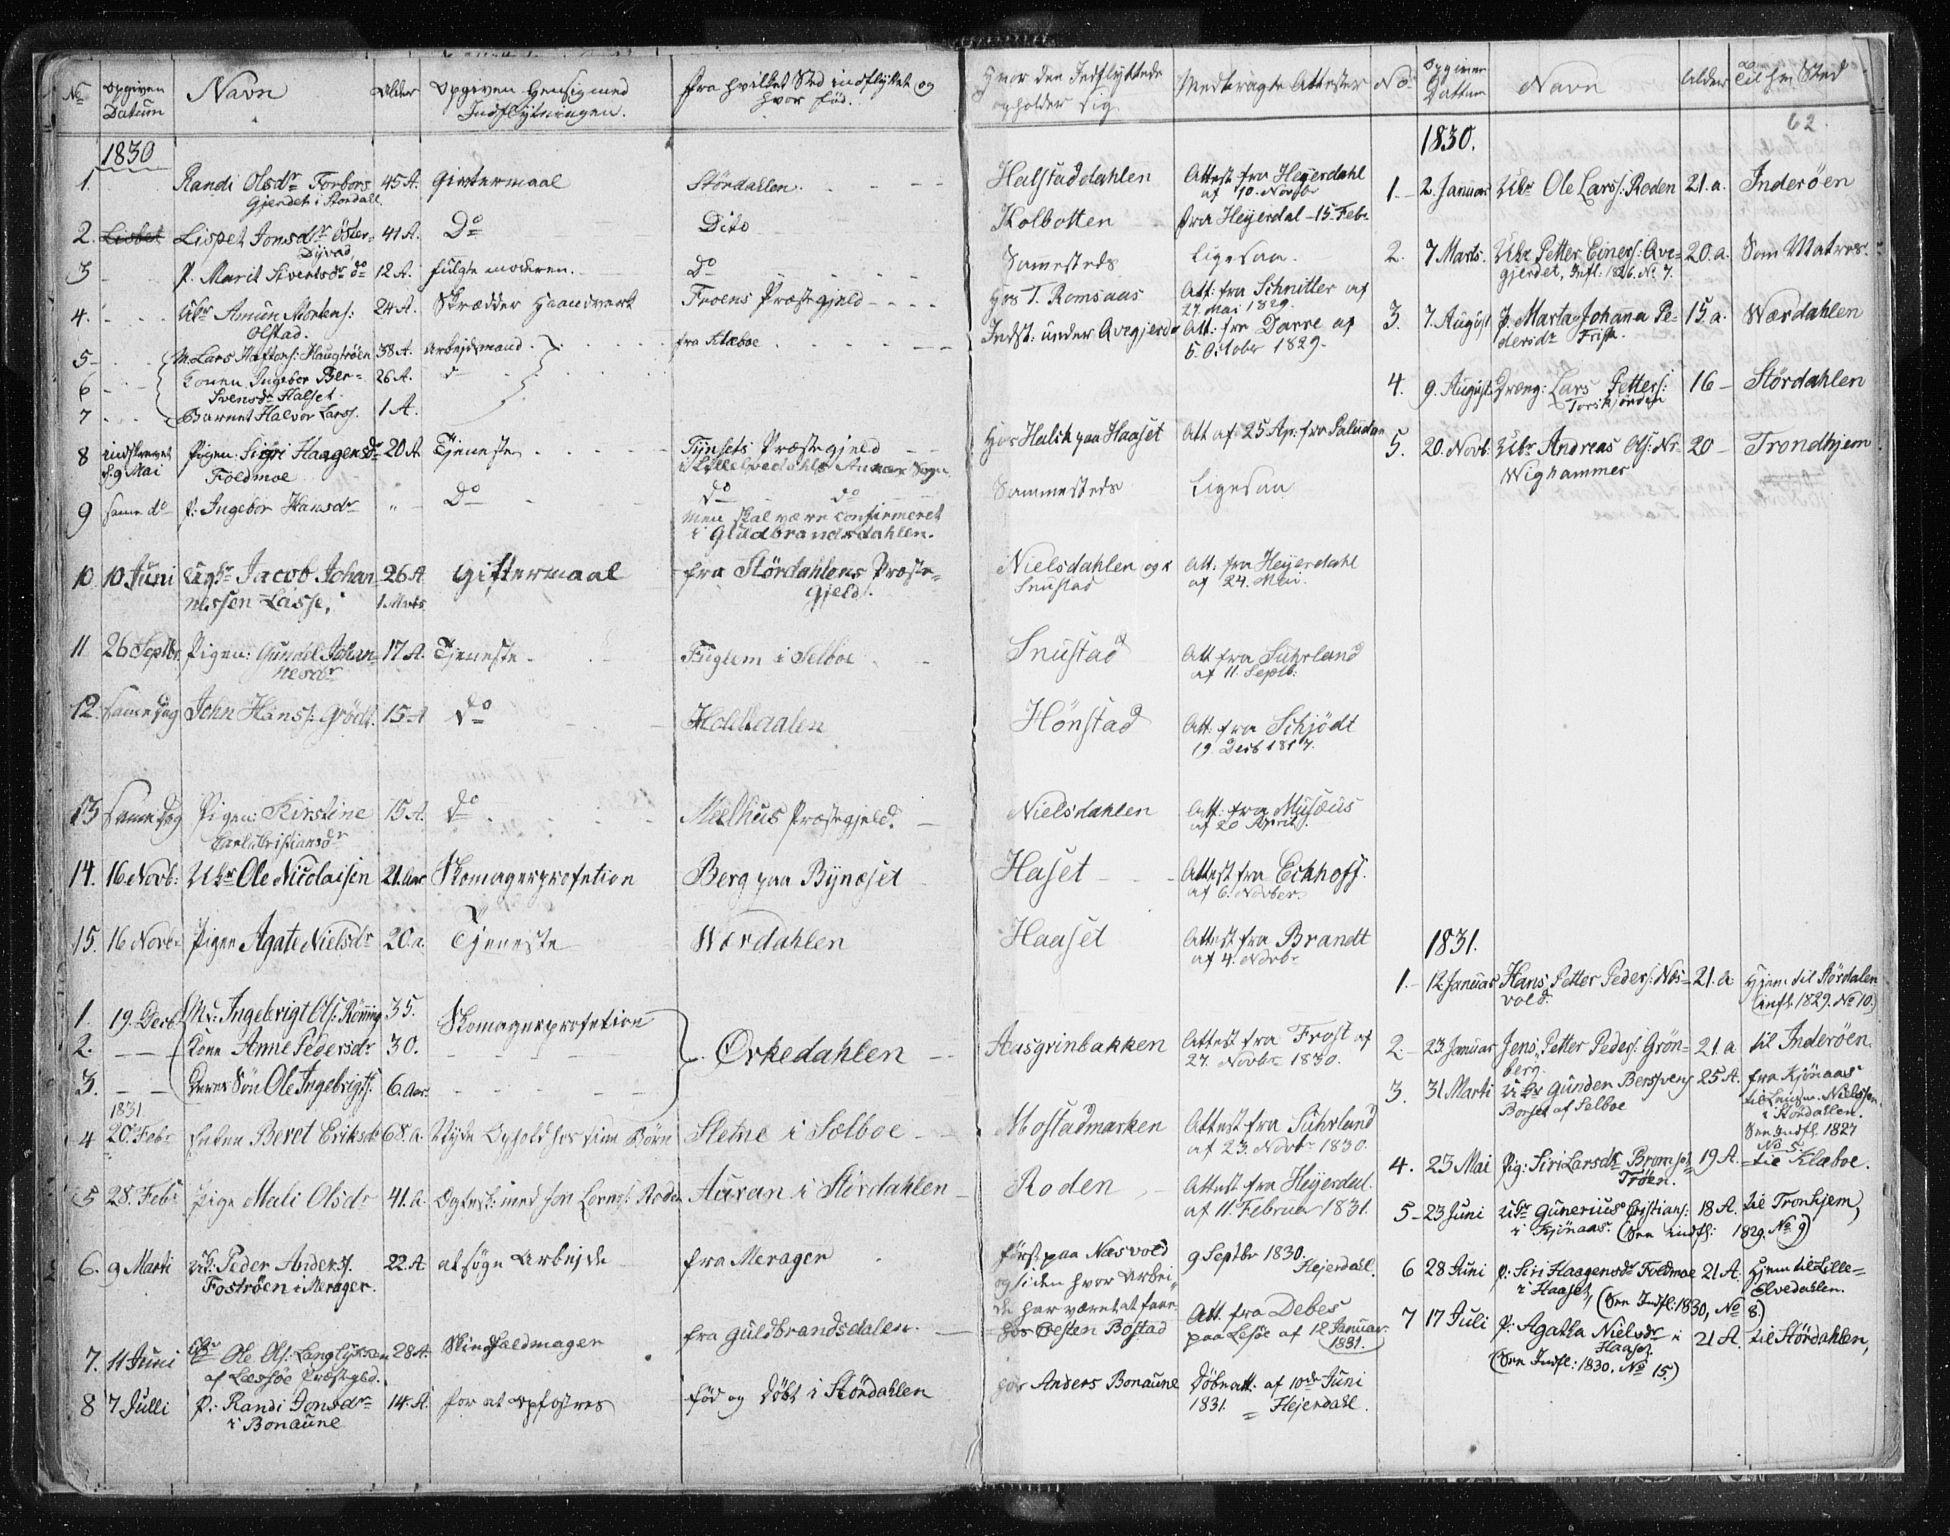 SAT, Ministerialprotokoller, klokkerbøker og fødselsregistre - Sør-Trøndelag, 616/L0404: Ministerialbok nr. 616A01, 1823-1831, s. 62